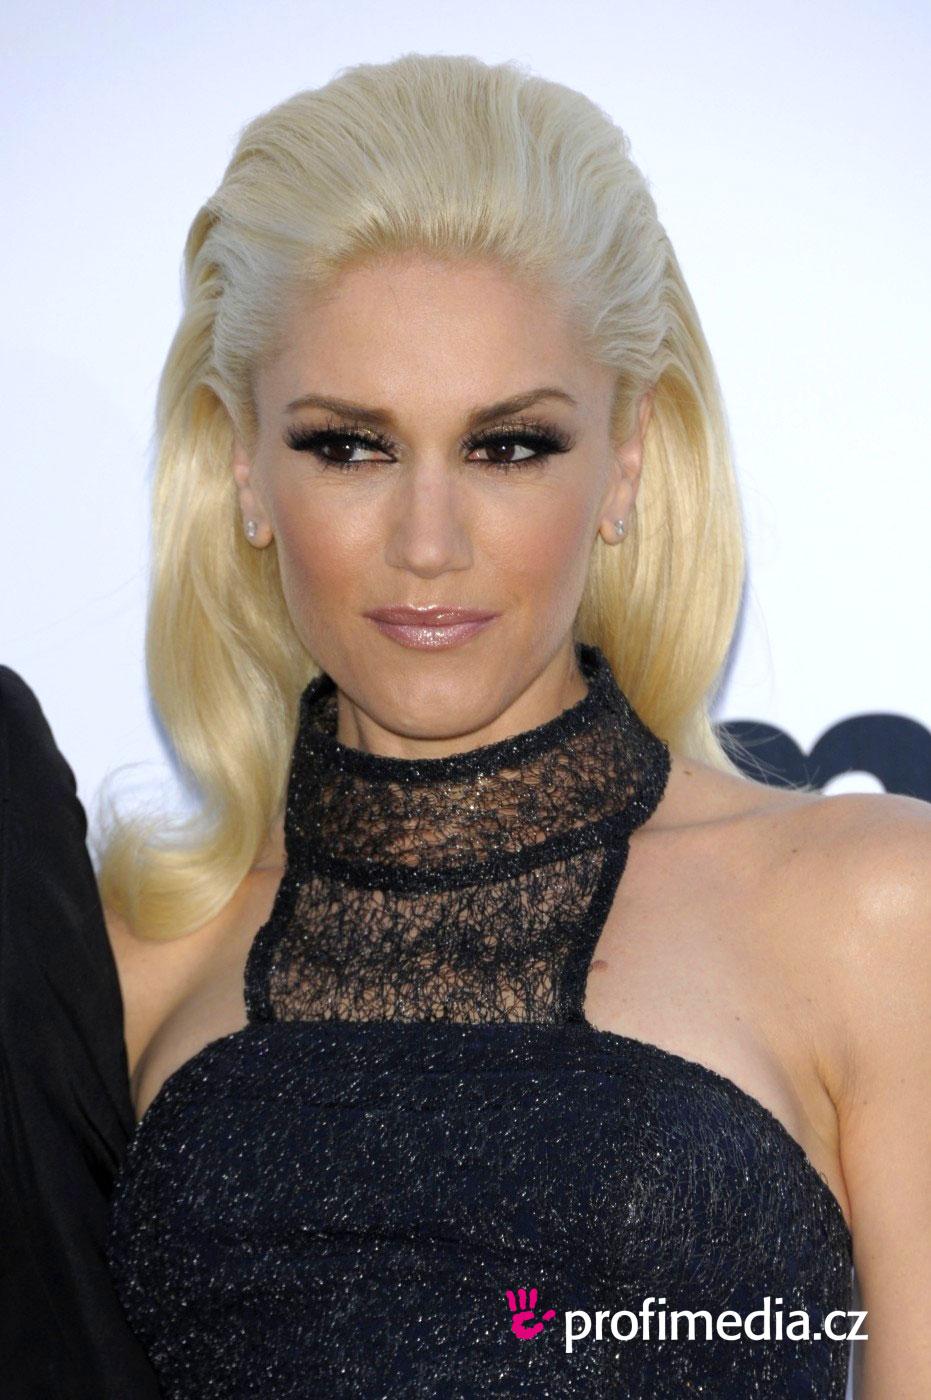 Gwen Stefani armenian